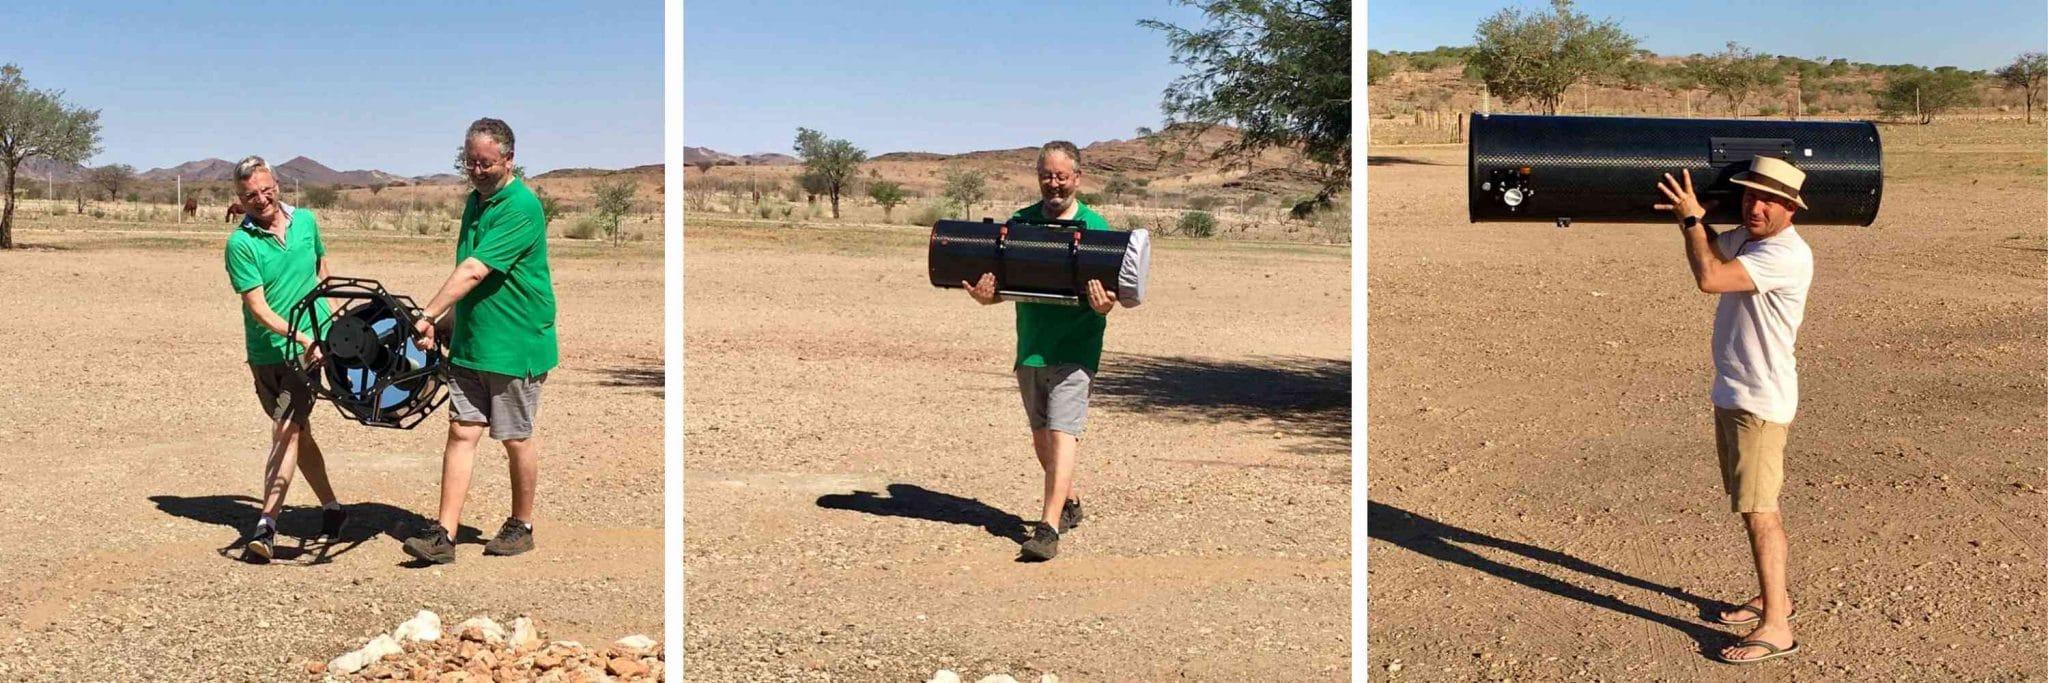 DeepSkySafaris lädt Sie auf die Rooisand Desert Ranch in Namibia ein!